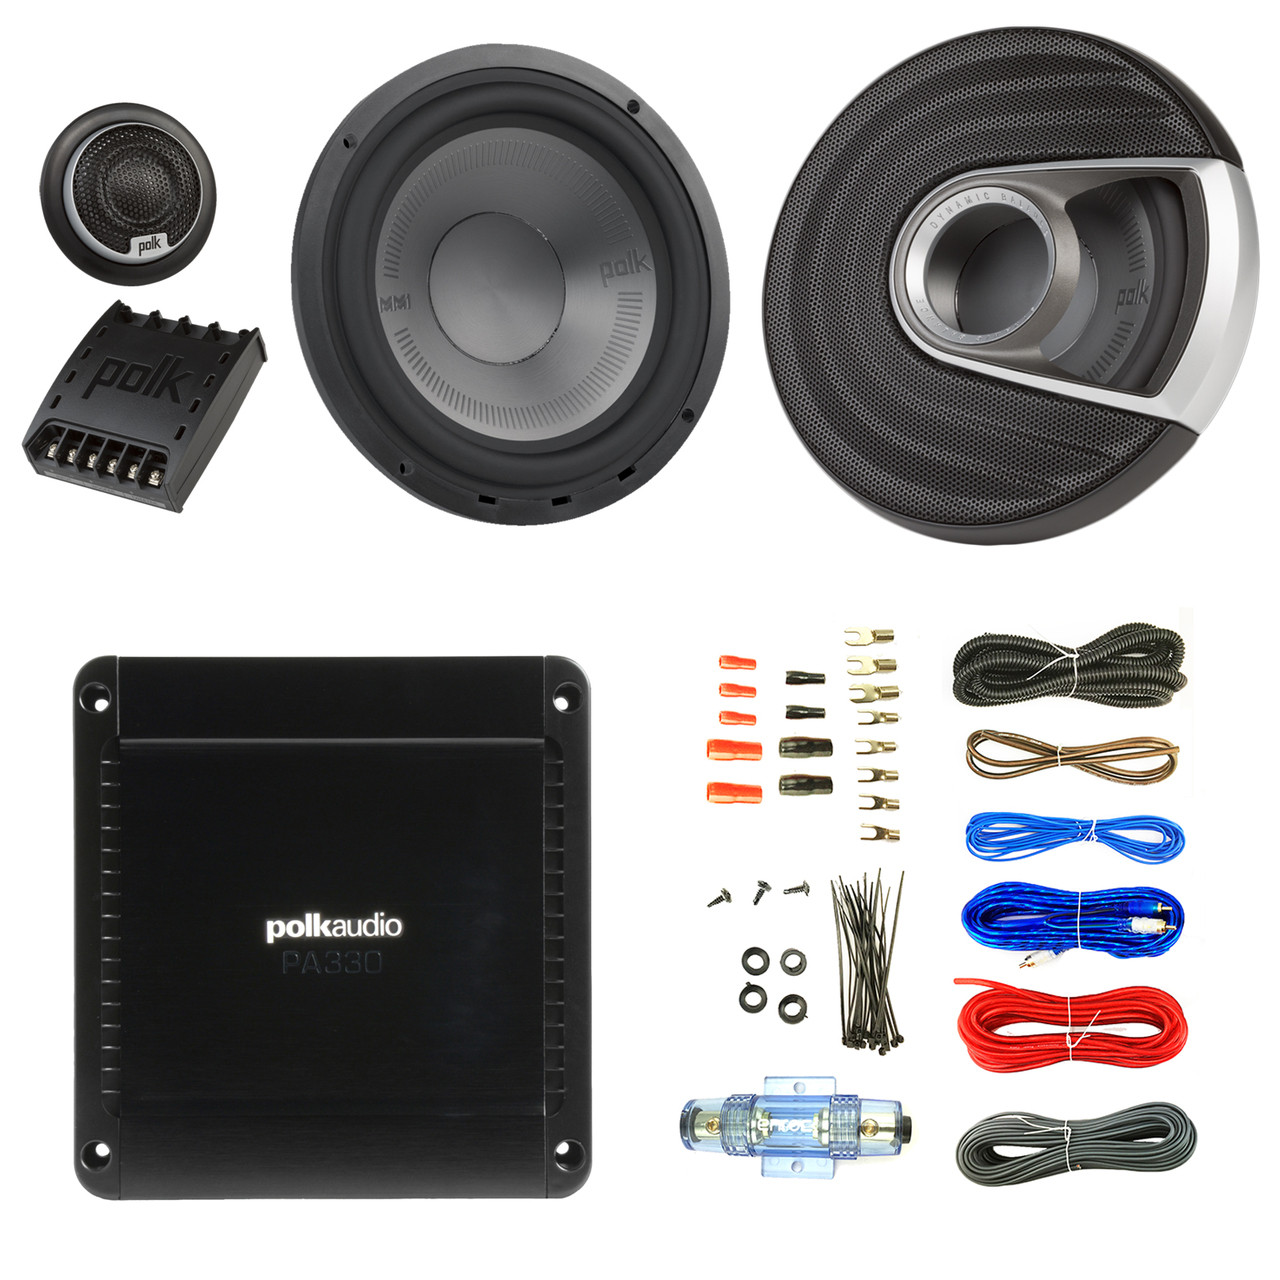 2x polk audio mm1 mm6502 series 375w ultra marine certified 6 5 component speaker system pa330 330w 2 channel car amplifier enrock audio 16 gauge 50 foot  [ 1280 x 1280 Pixel ]